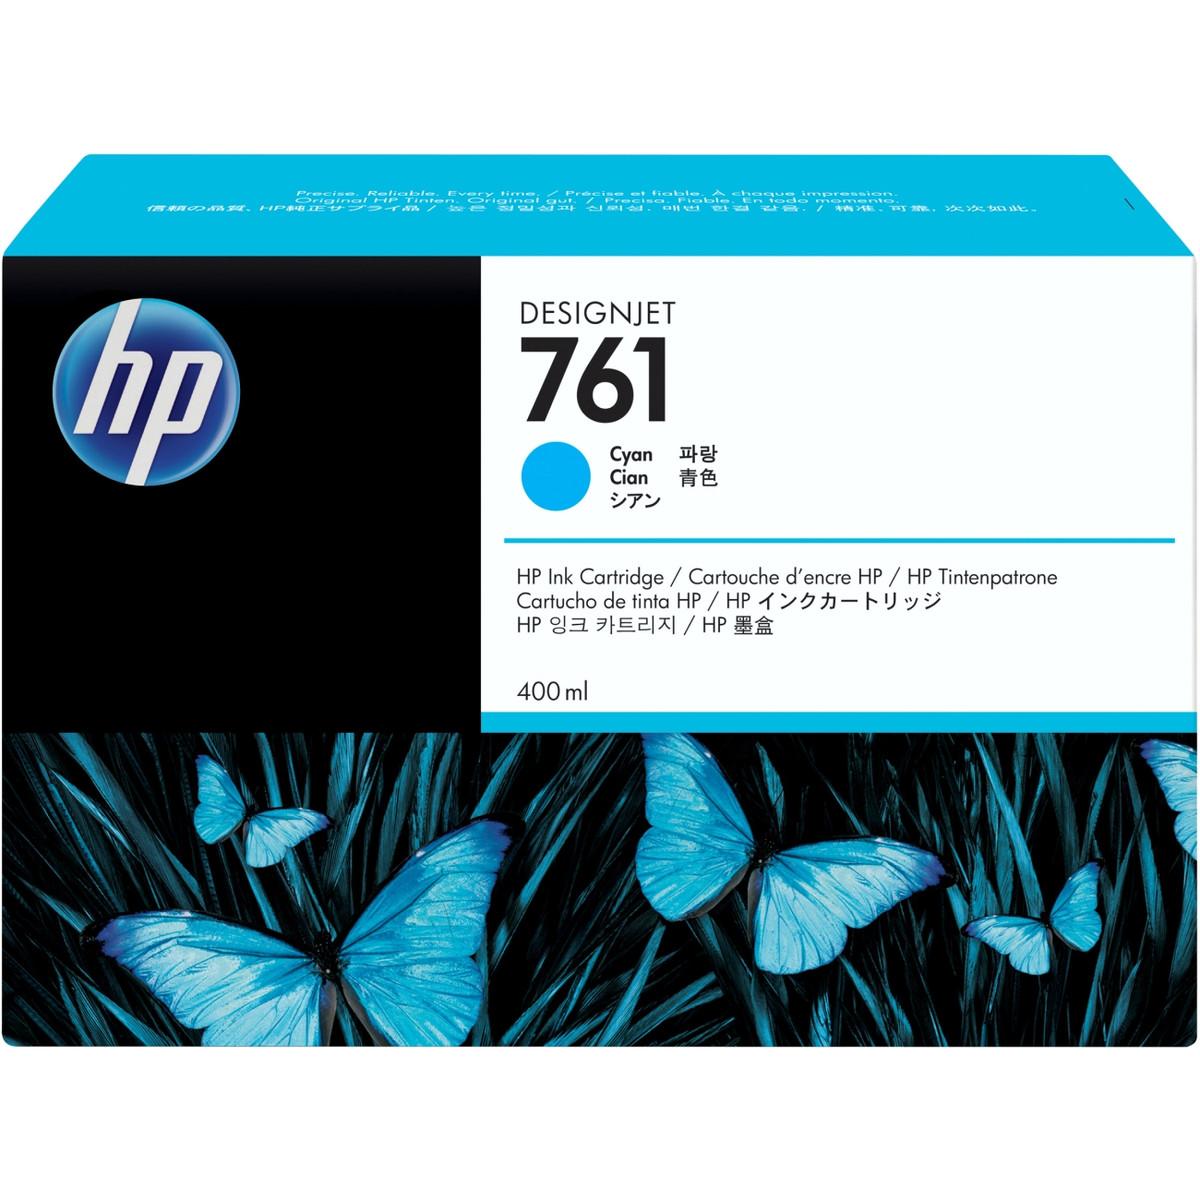 HP 761 (CM994A) Cyan Ink Cartridge